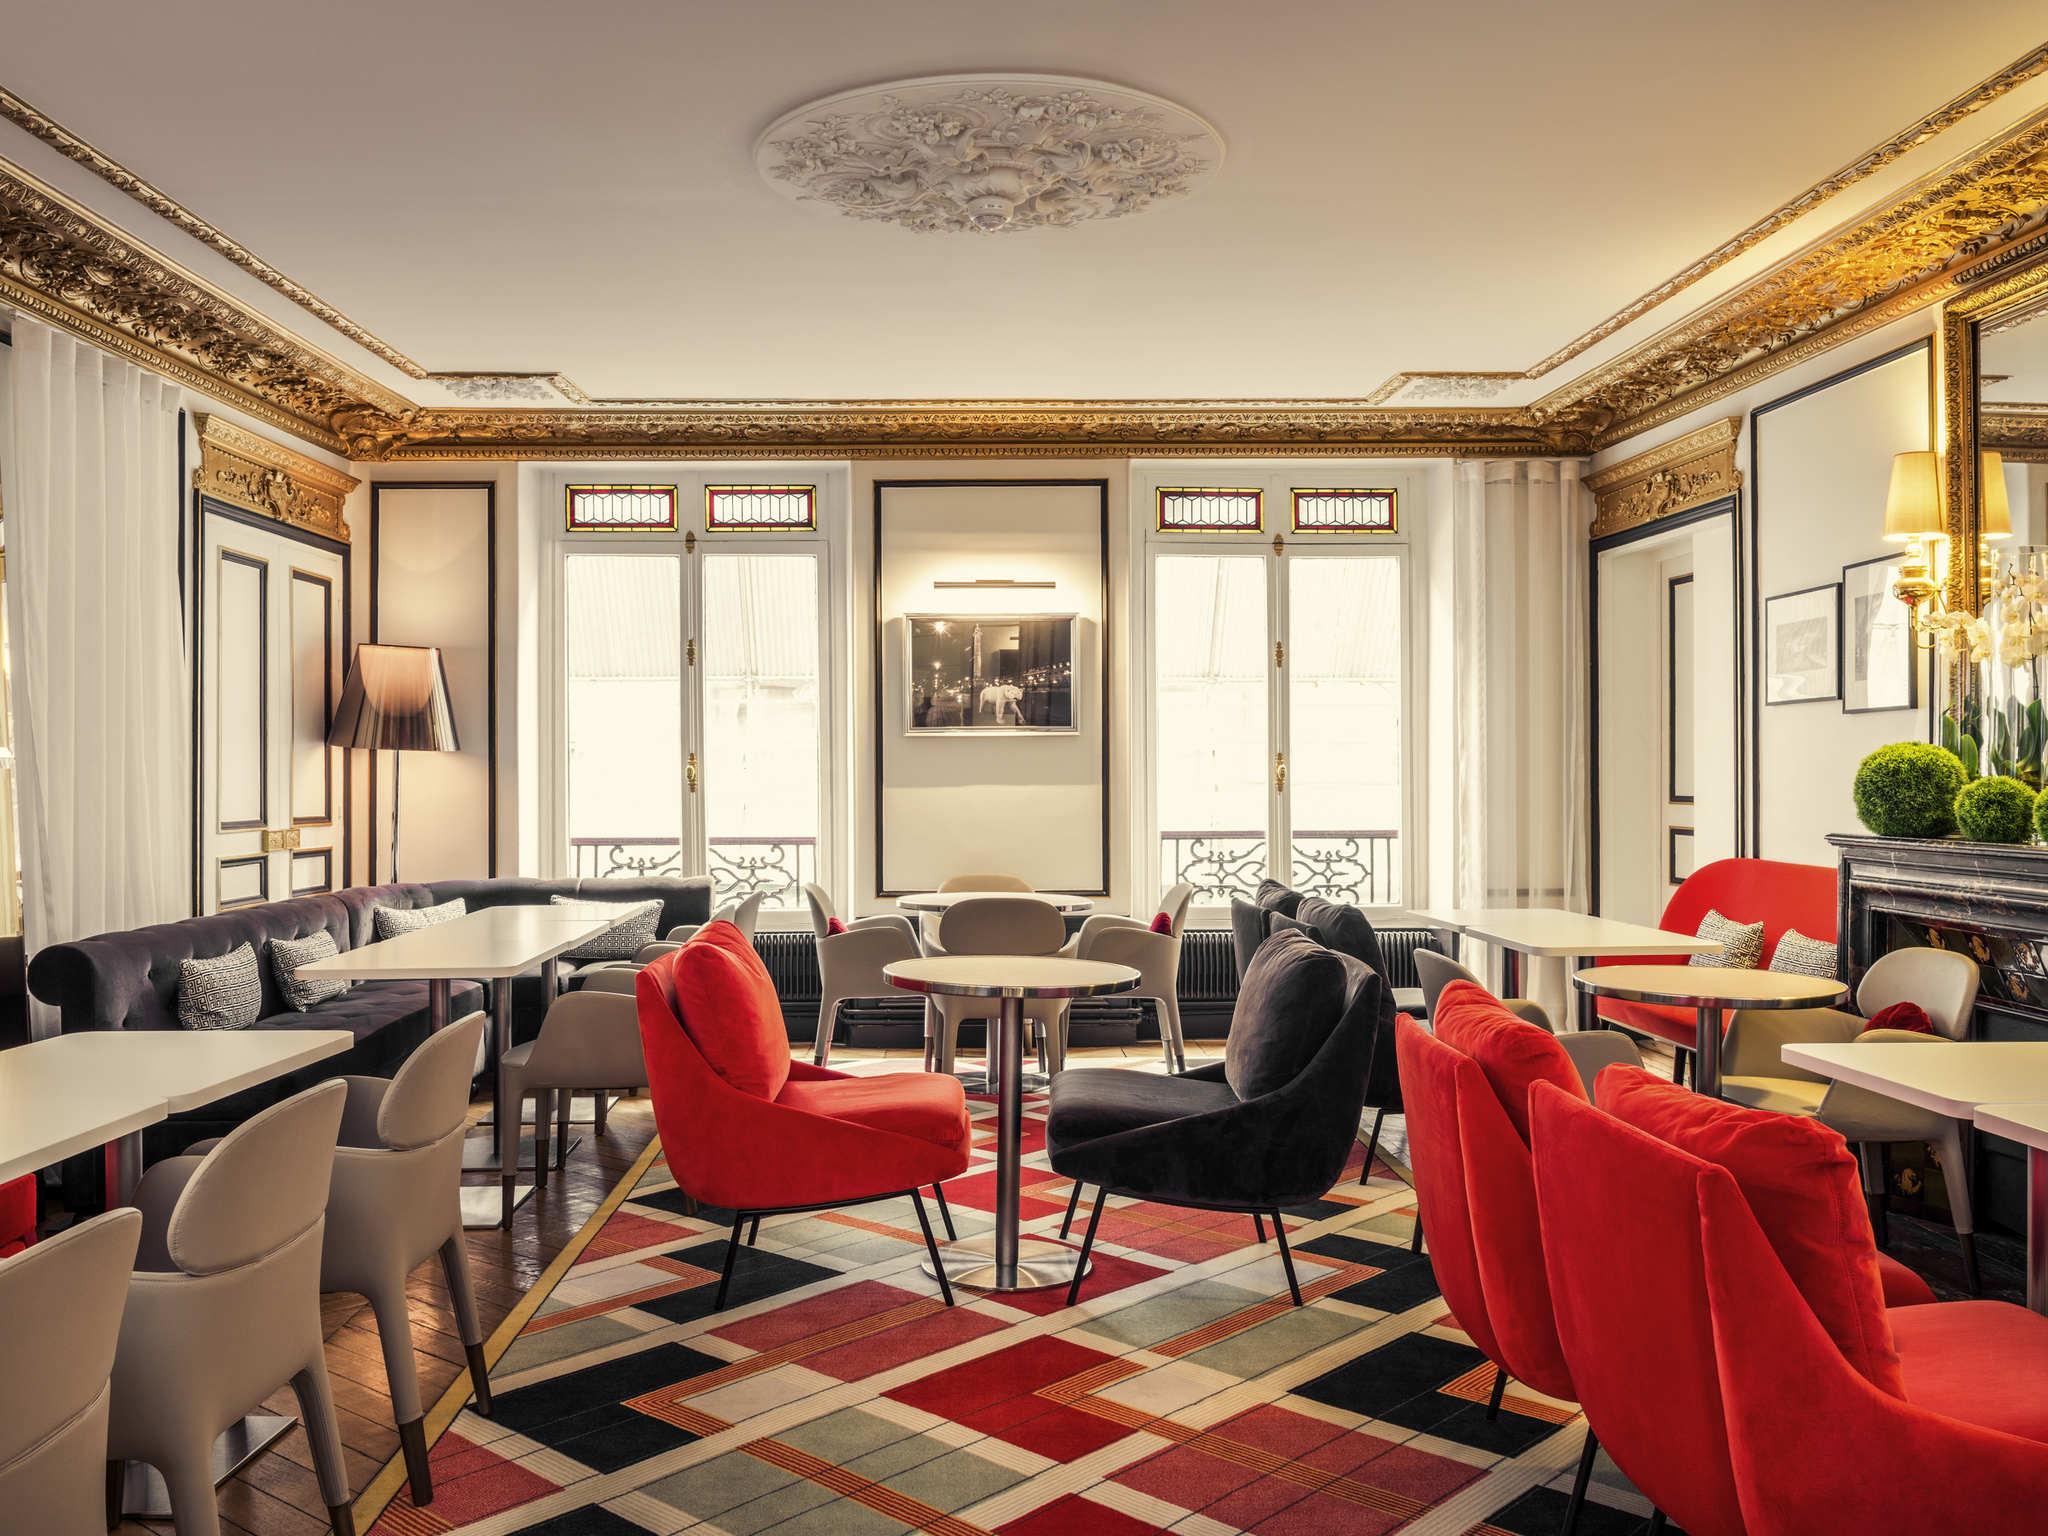 Hotel – Albergo Mercure Parigi Opéra Louvre